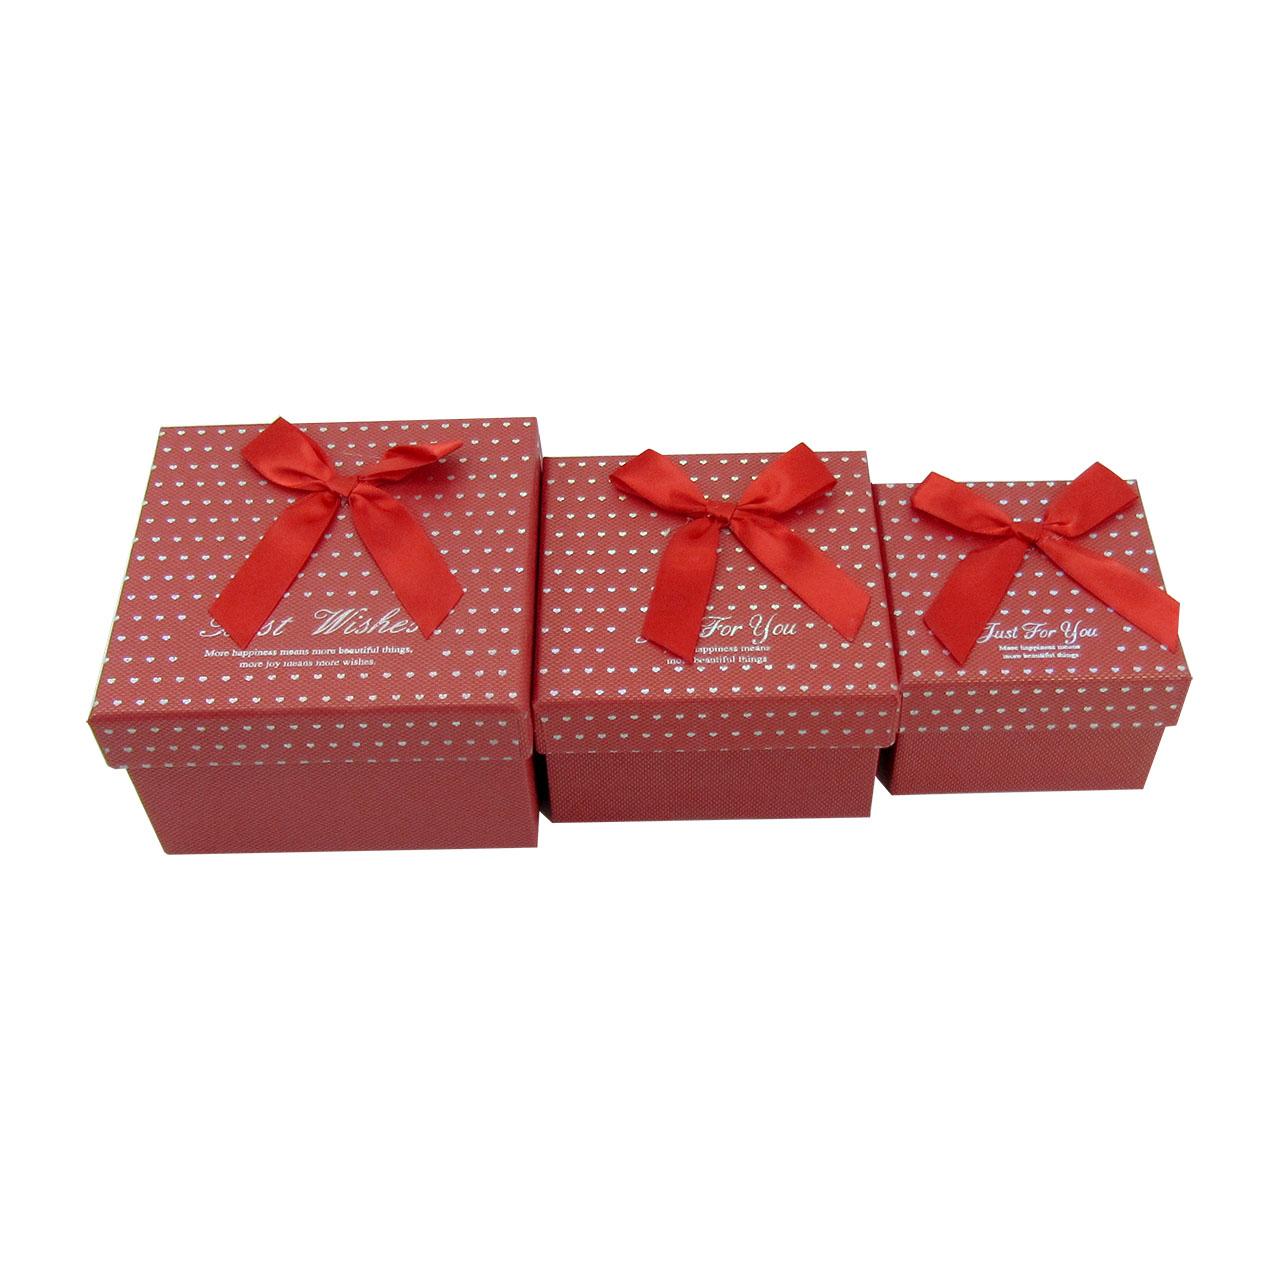 عکس جعبه هدیه رزپک مدل 208 مجموعه 3 عددی